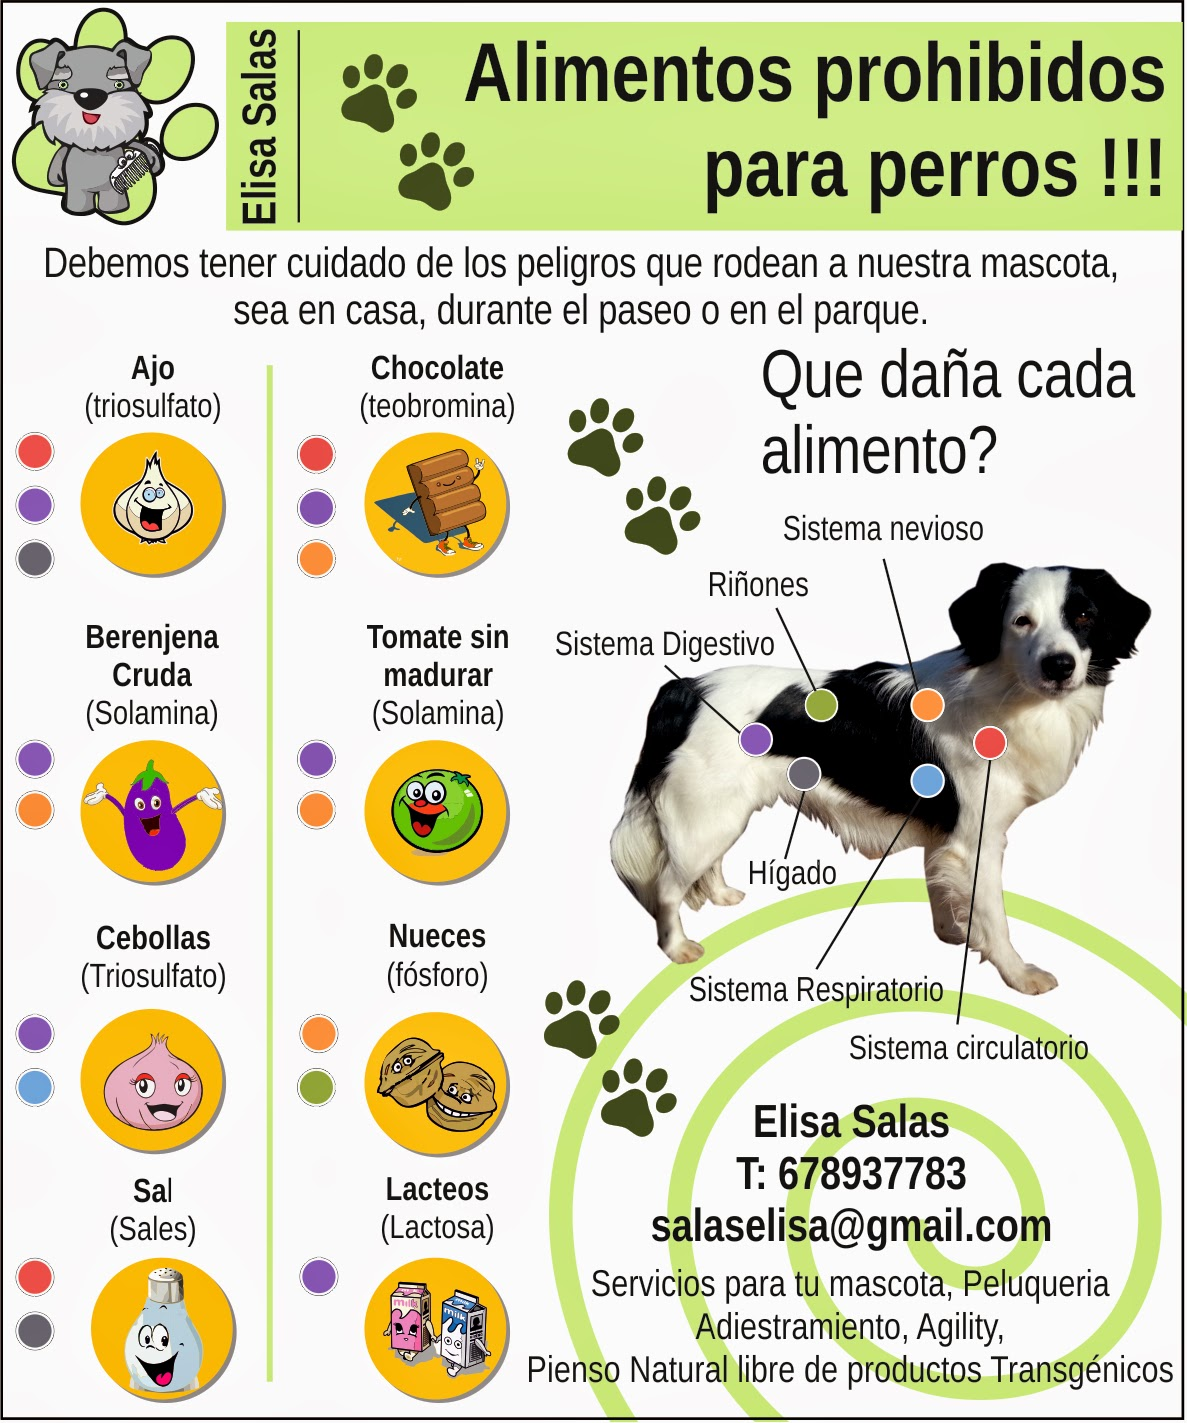 Locos por los animales alimentos prohibidos para perros - Alimentos recomendados para perros ...